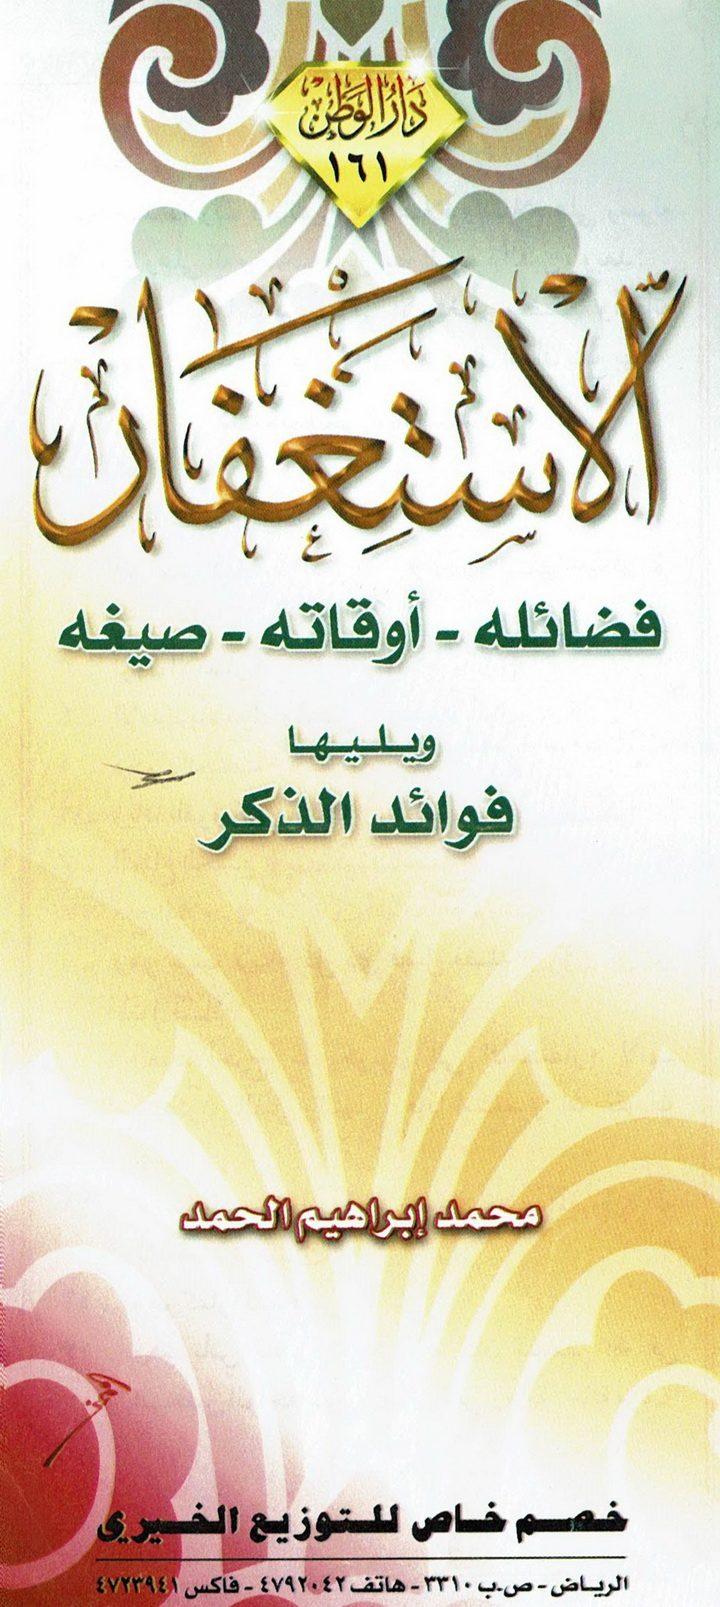 الاستغفار: فضائله، أوقاته، صيغه، فوائد الذّكر (محمد بن إبراهيم الحمد – دار الوطن)